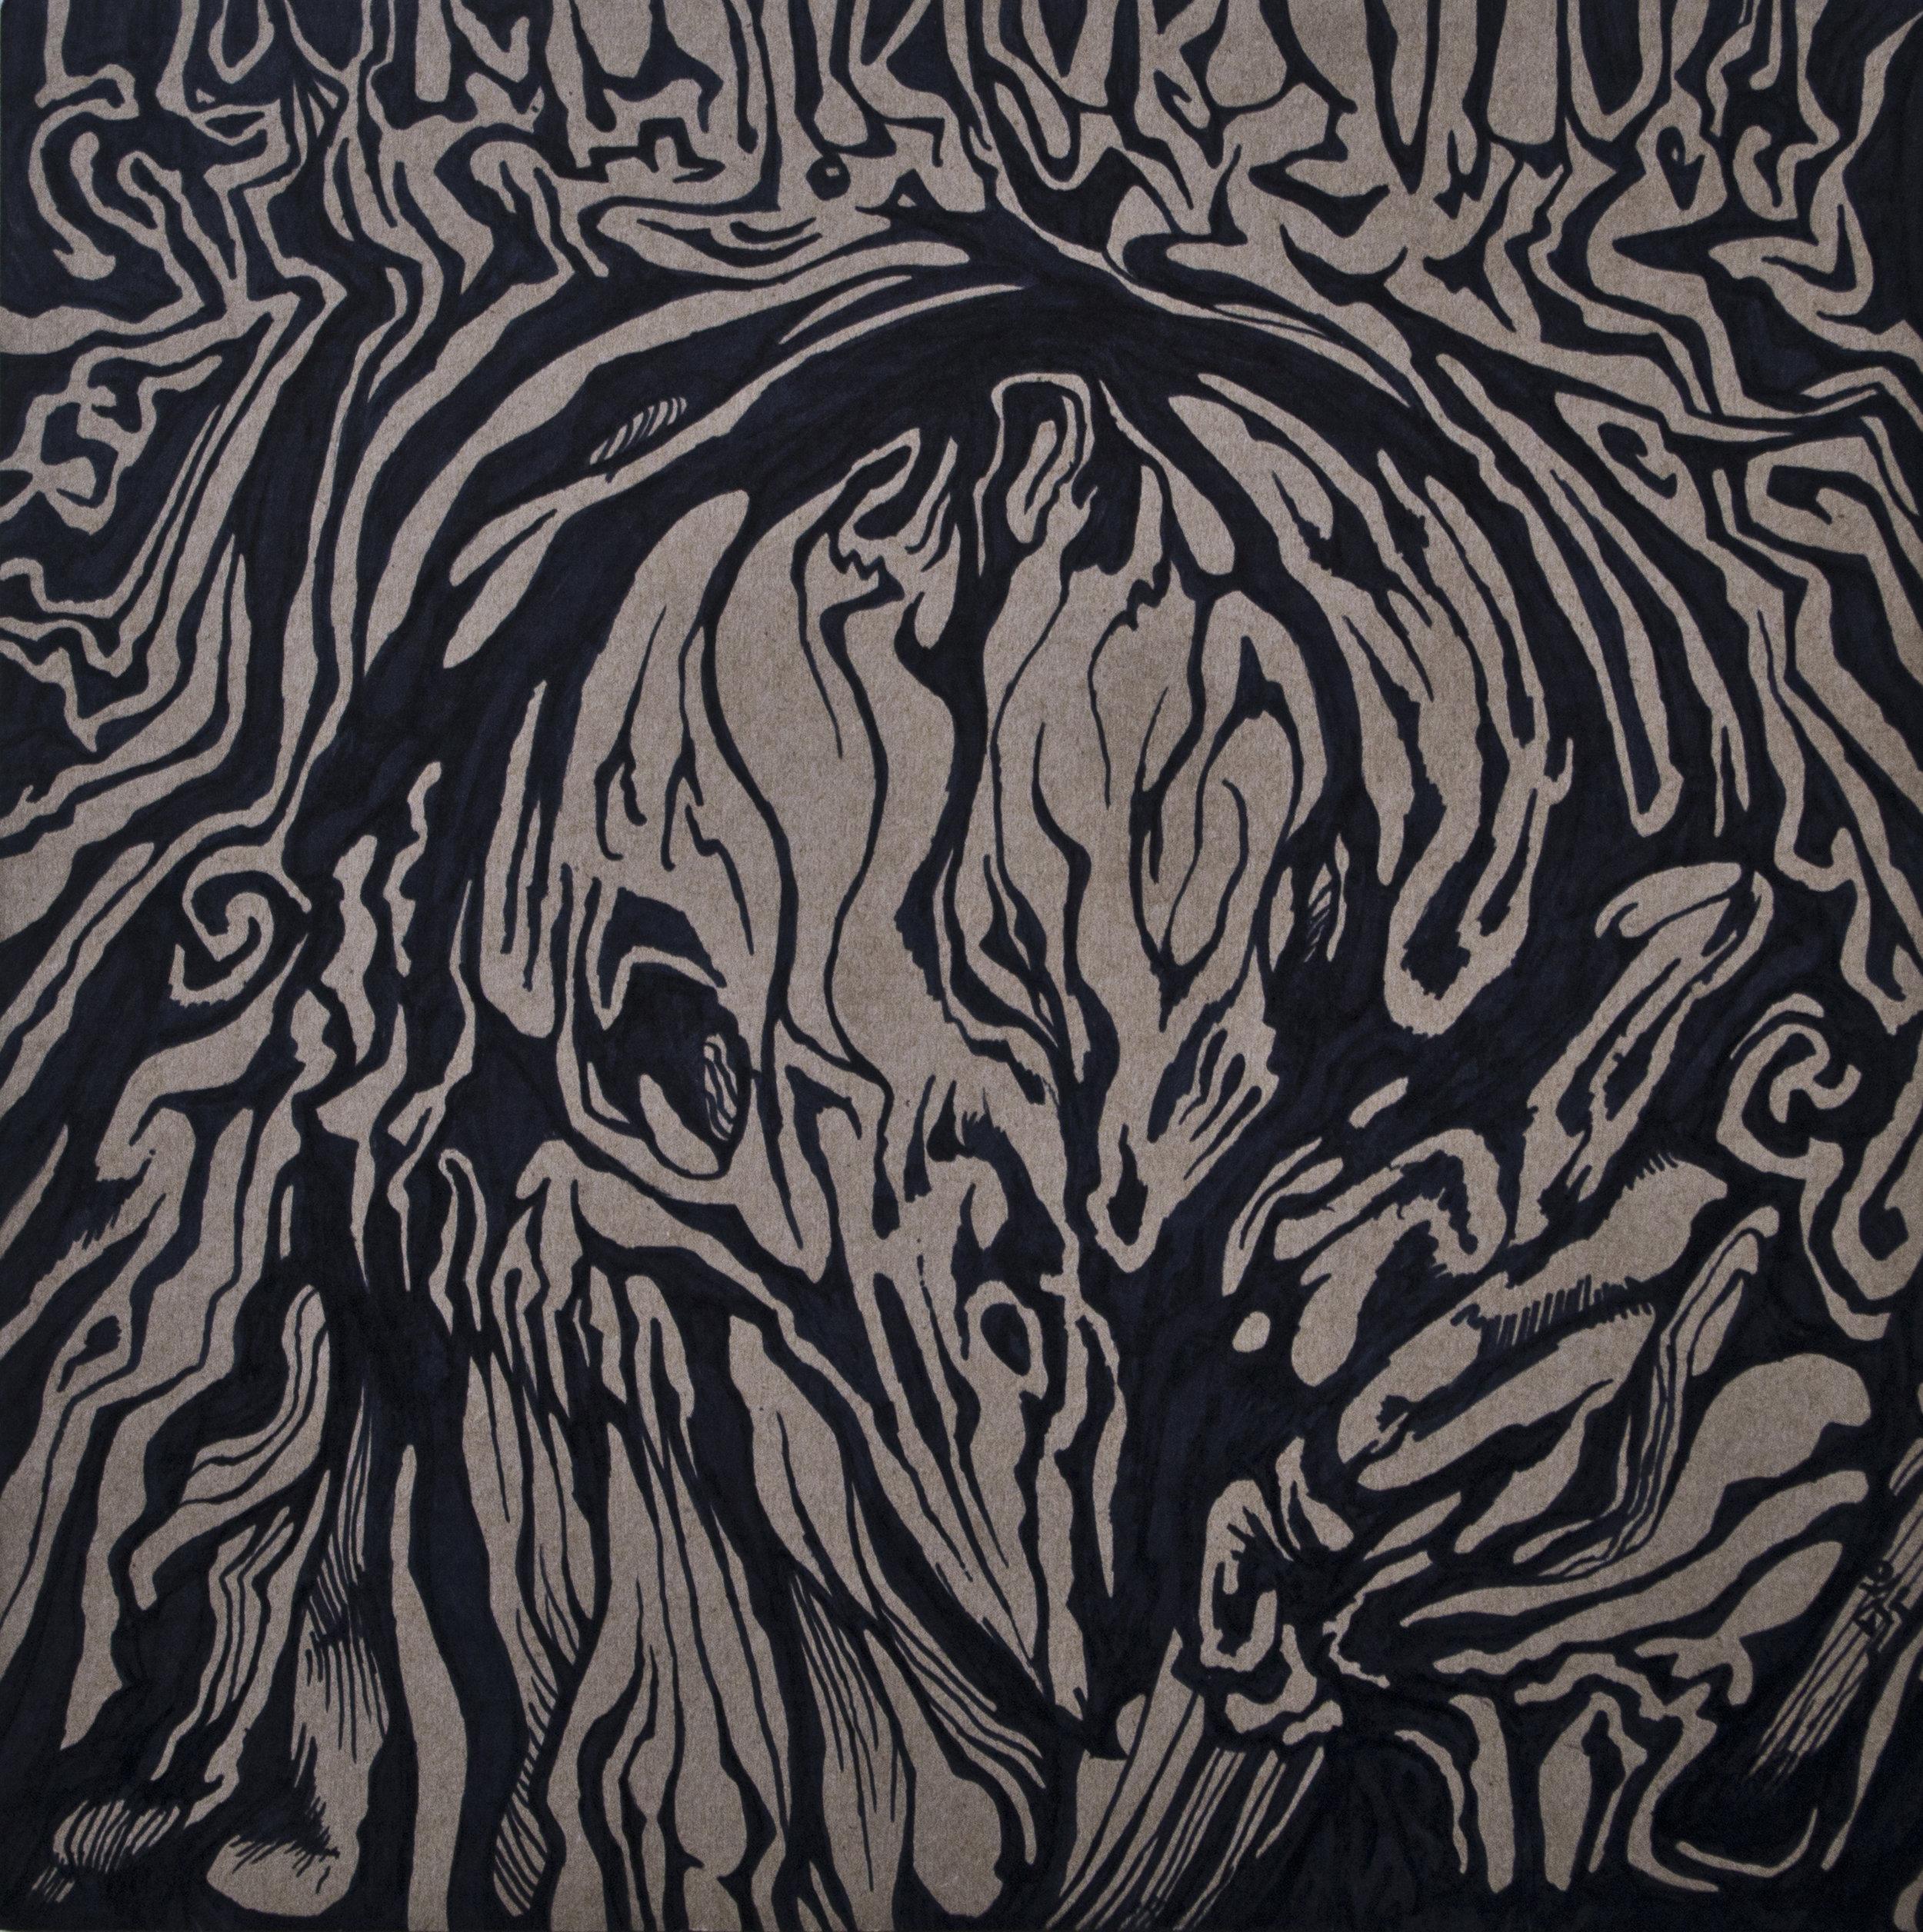 Effigy, Sharpie marker on cardboard, 11.75in x 12in